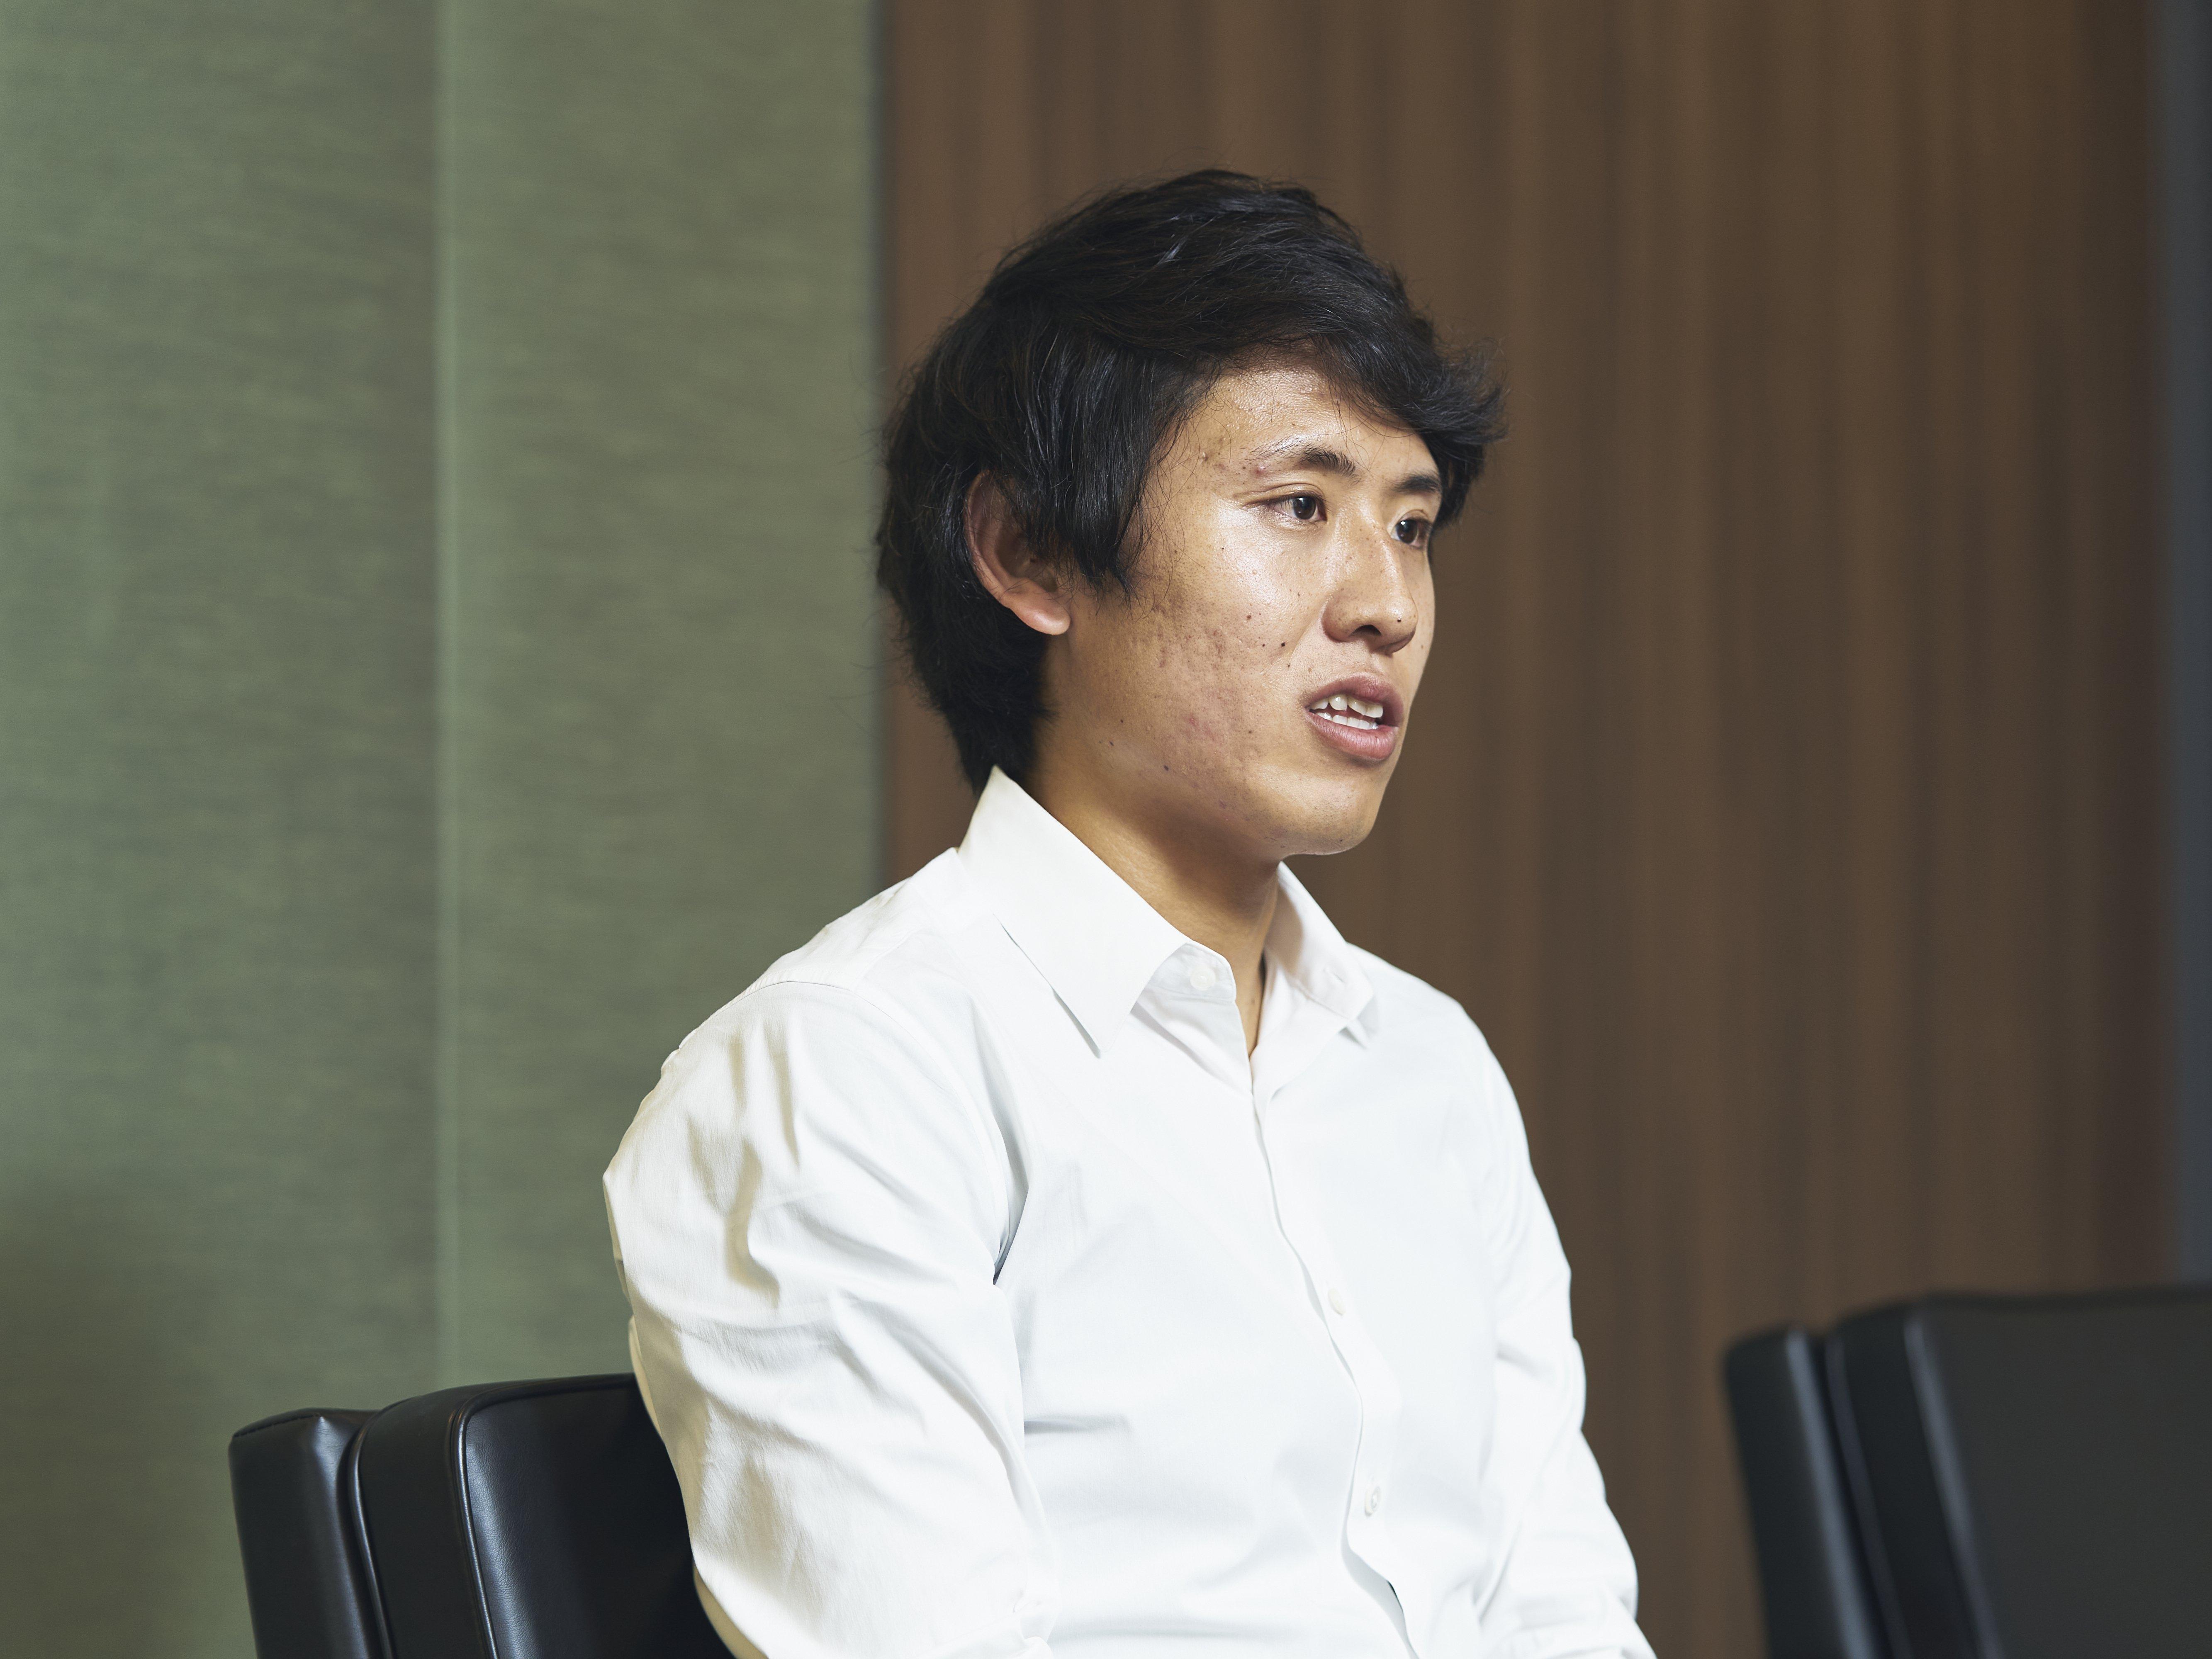 青山学院大学陸上部の元主務だった高木聖也さん。現在は大学の後輩でプロランナーの神野大地をサポートしている ©Yuki Suenaga